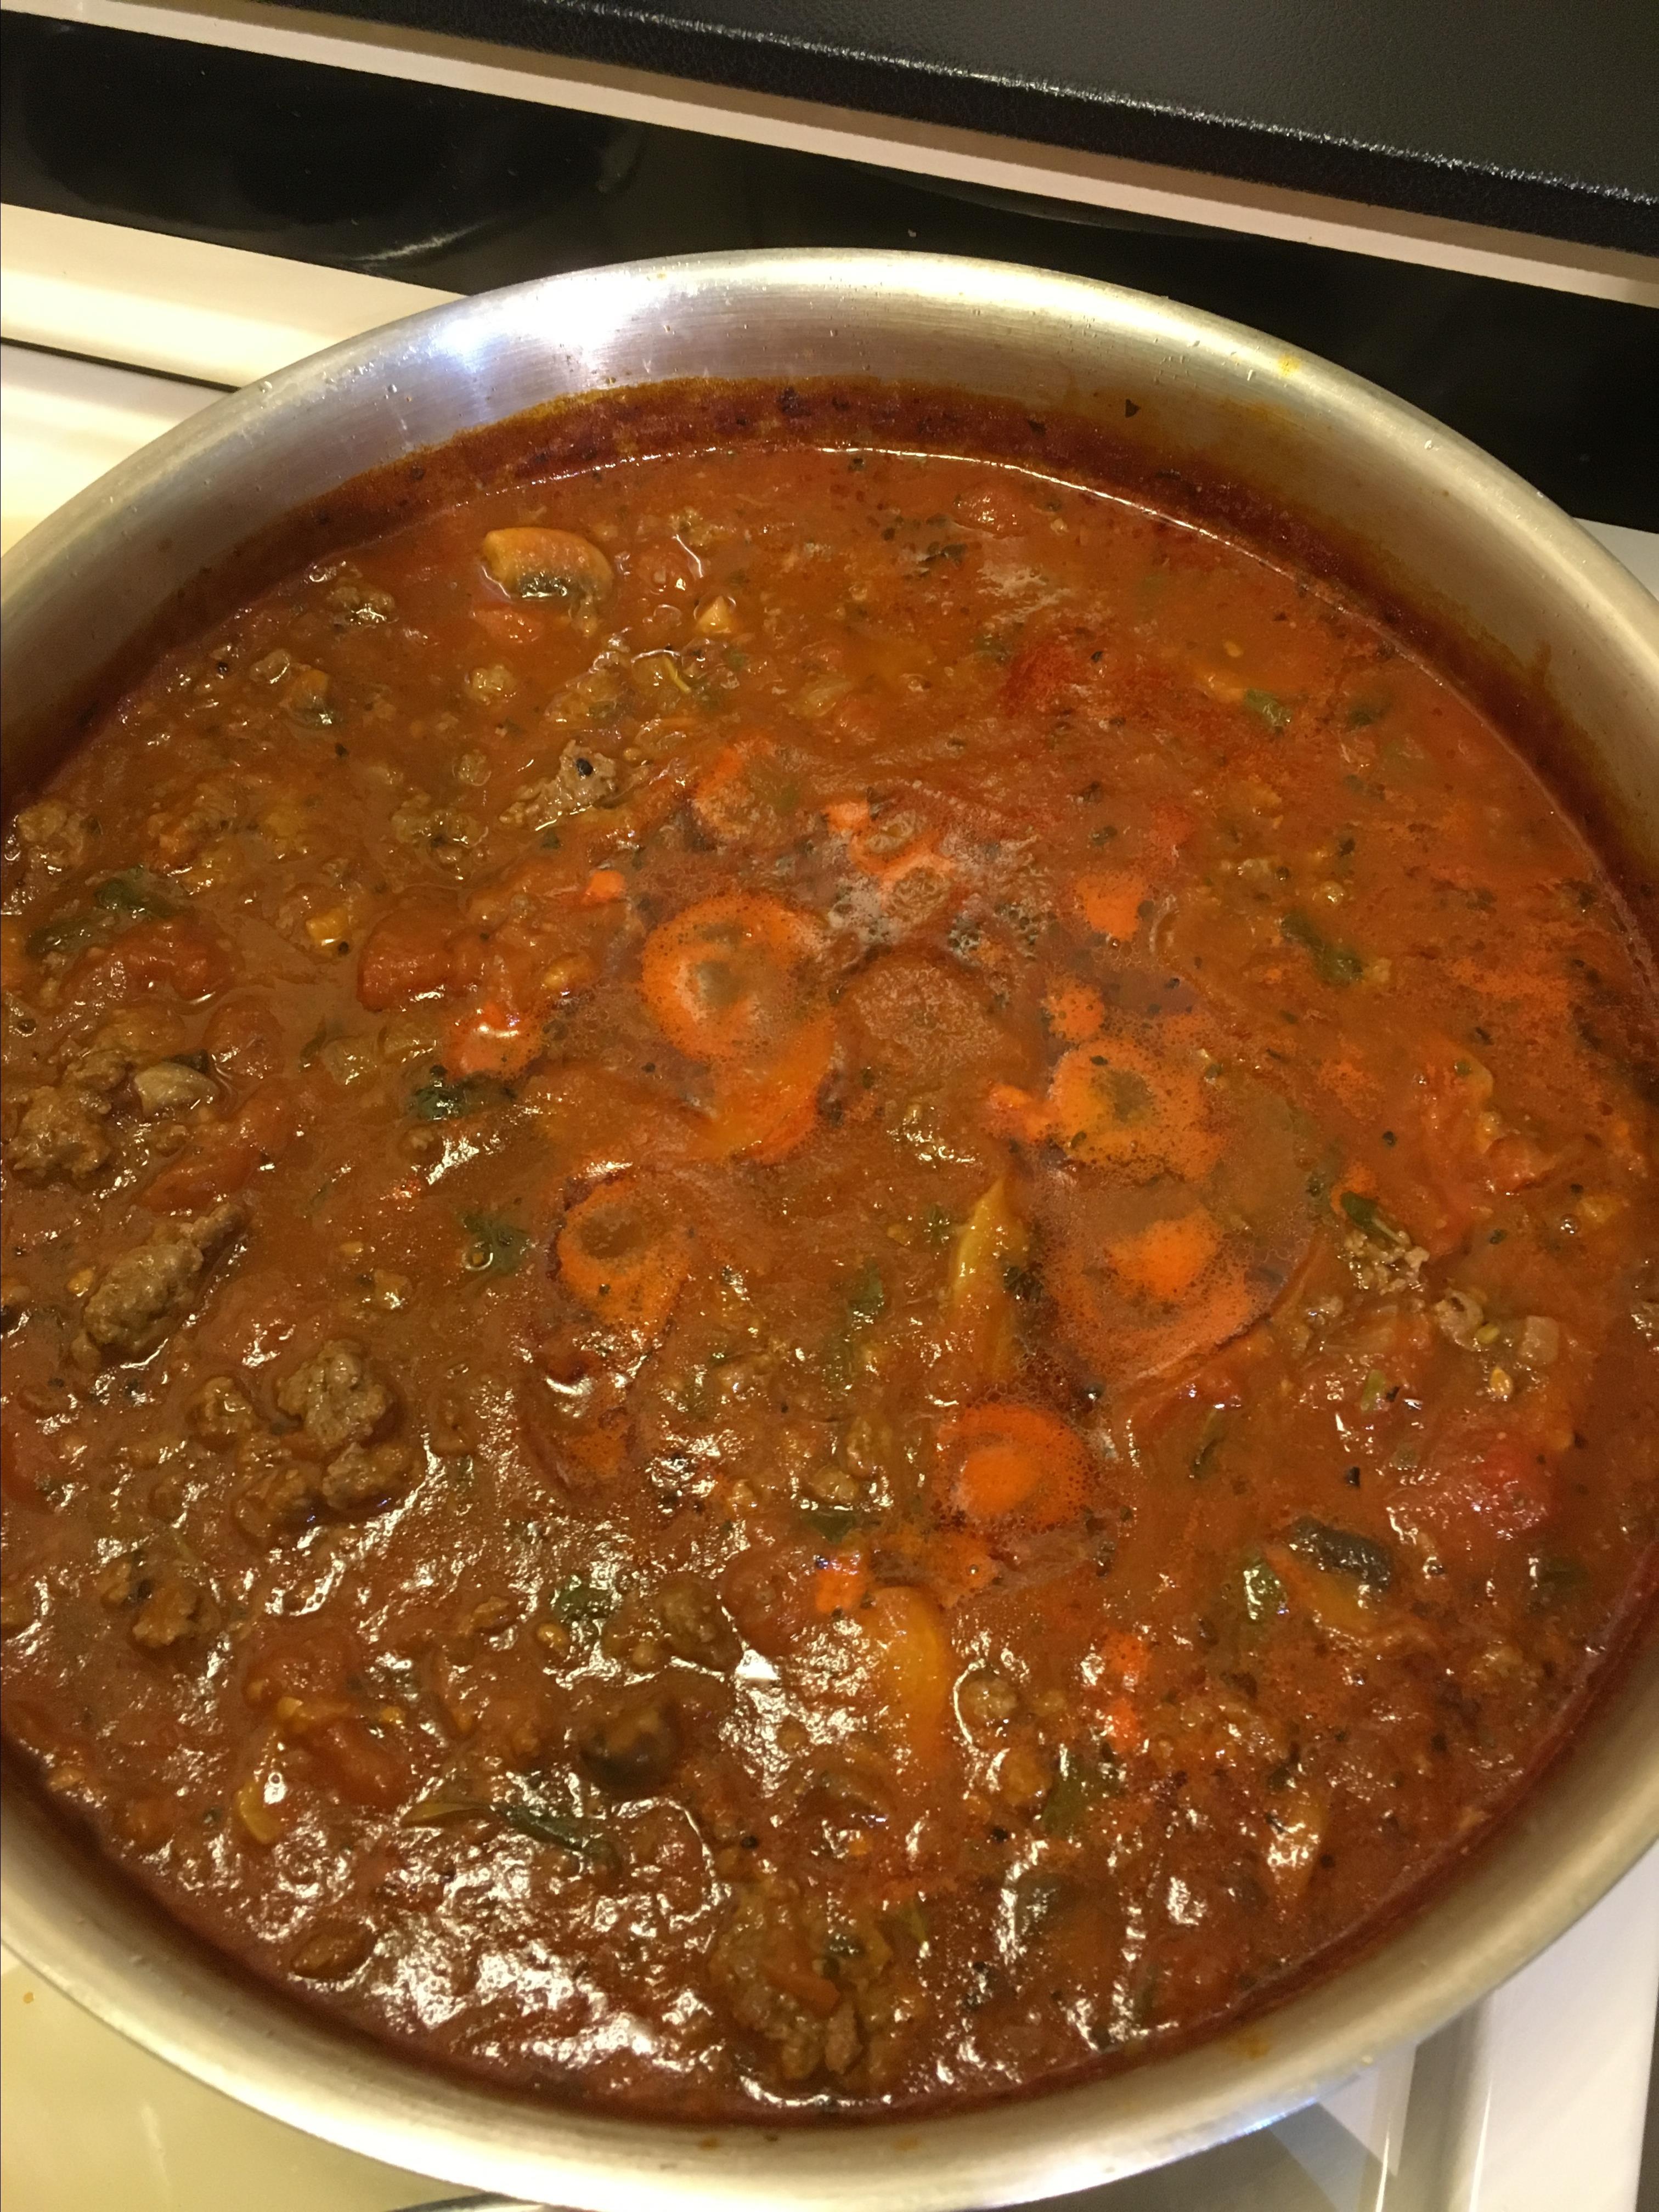 Grandma Maggio's Spaghetti Sauce Margie